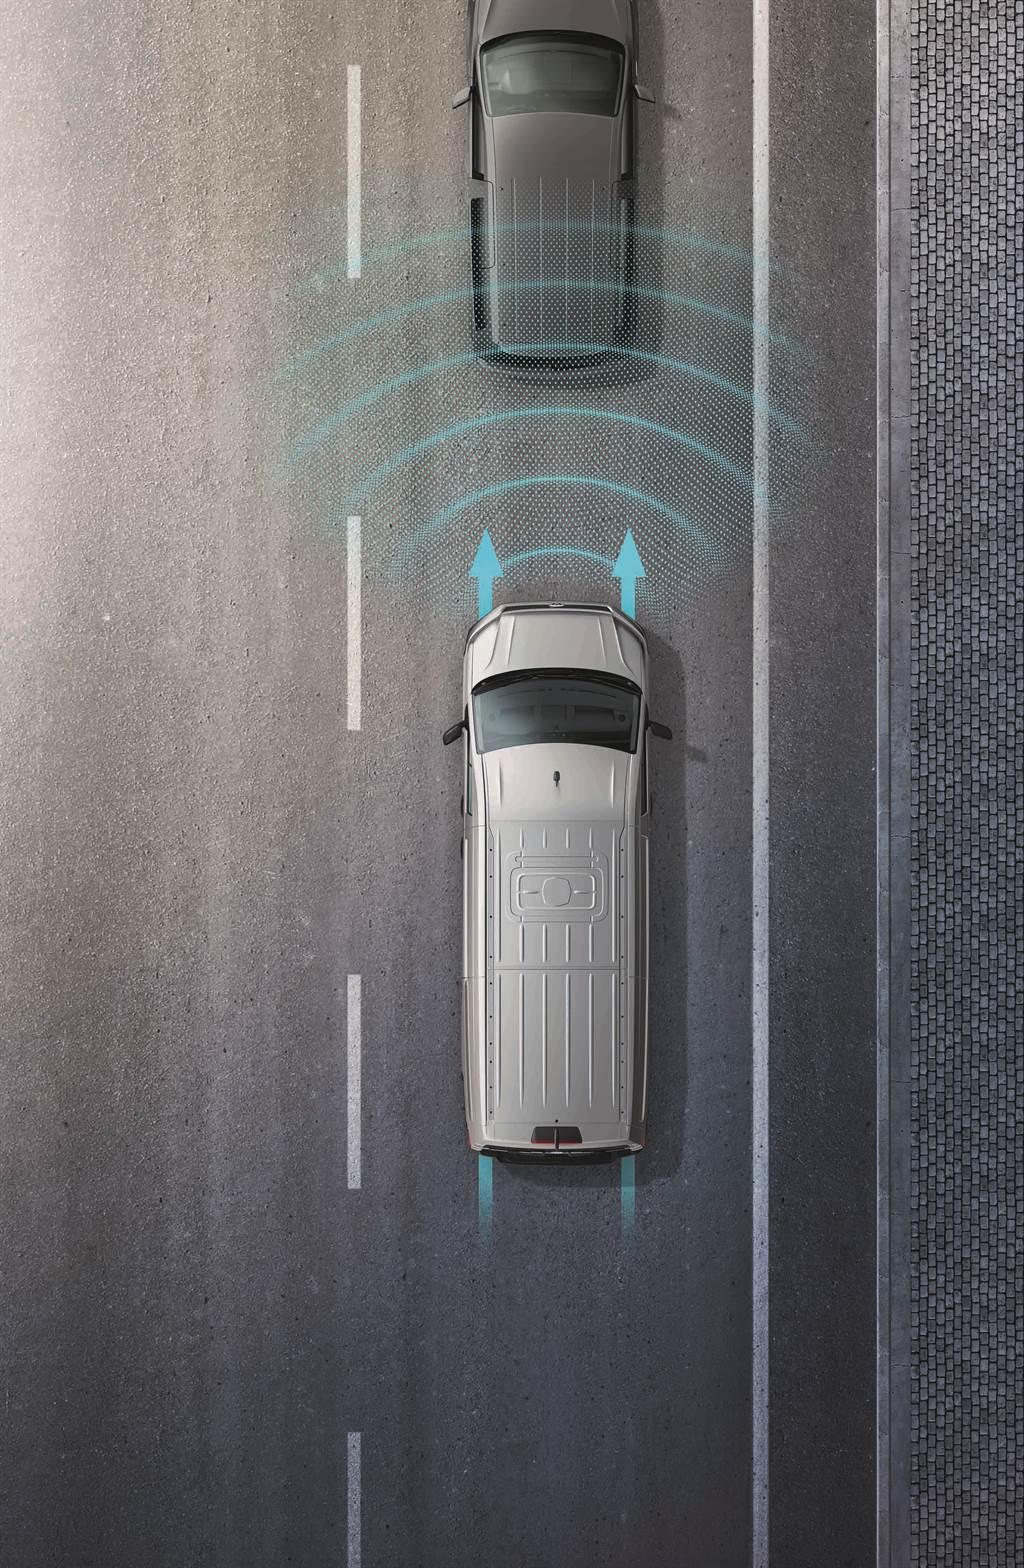 兩車型皆標配IQ.Drive智能駕駛輔助系統,提供ACC主動式車距調節巡航、AEB自動輔助緊急煞車等功能,2.0 TDI更多了Lane Assist車道維持及偏移警示系統。